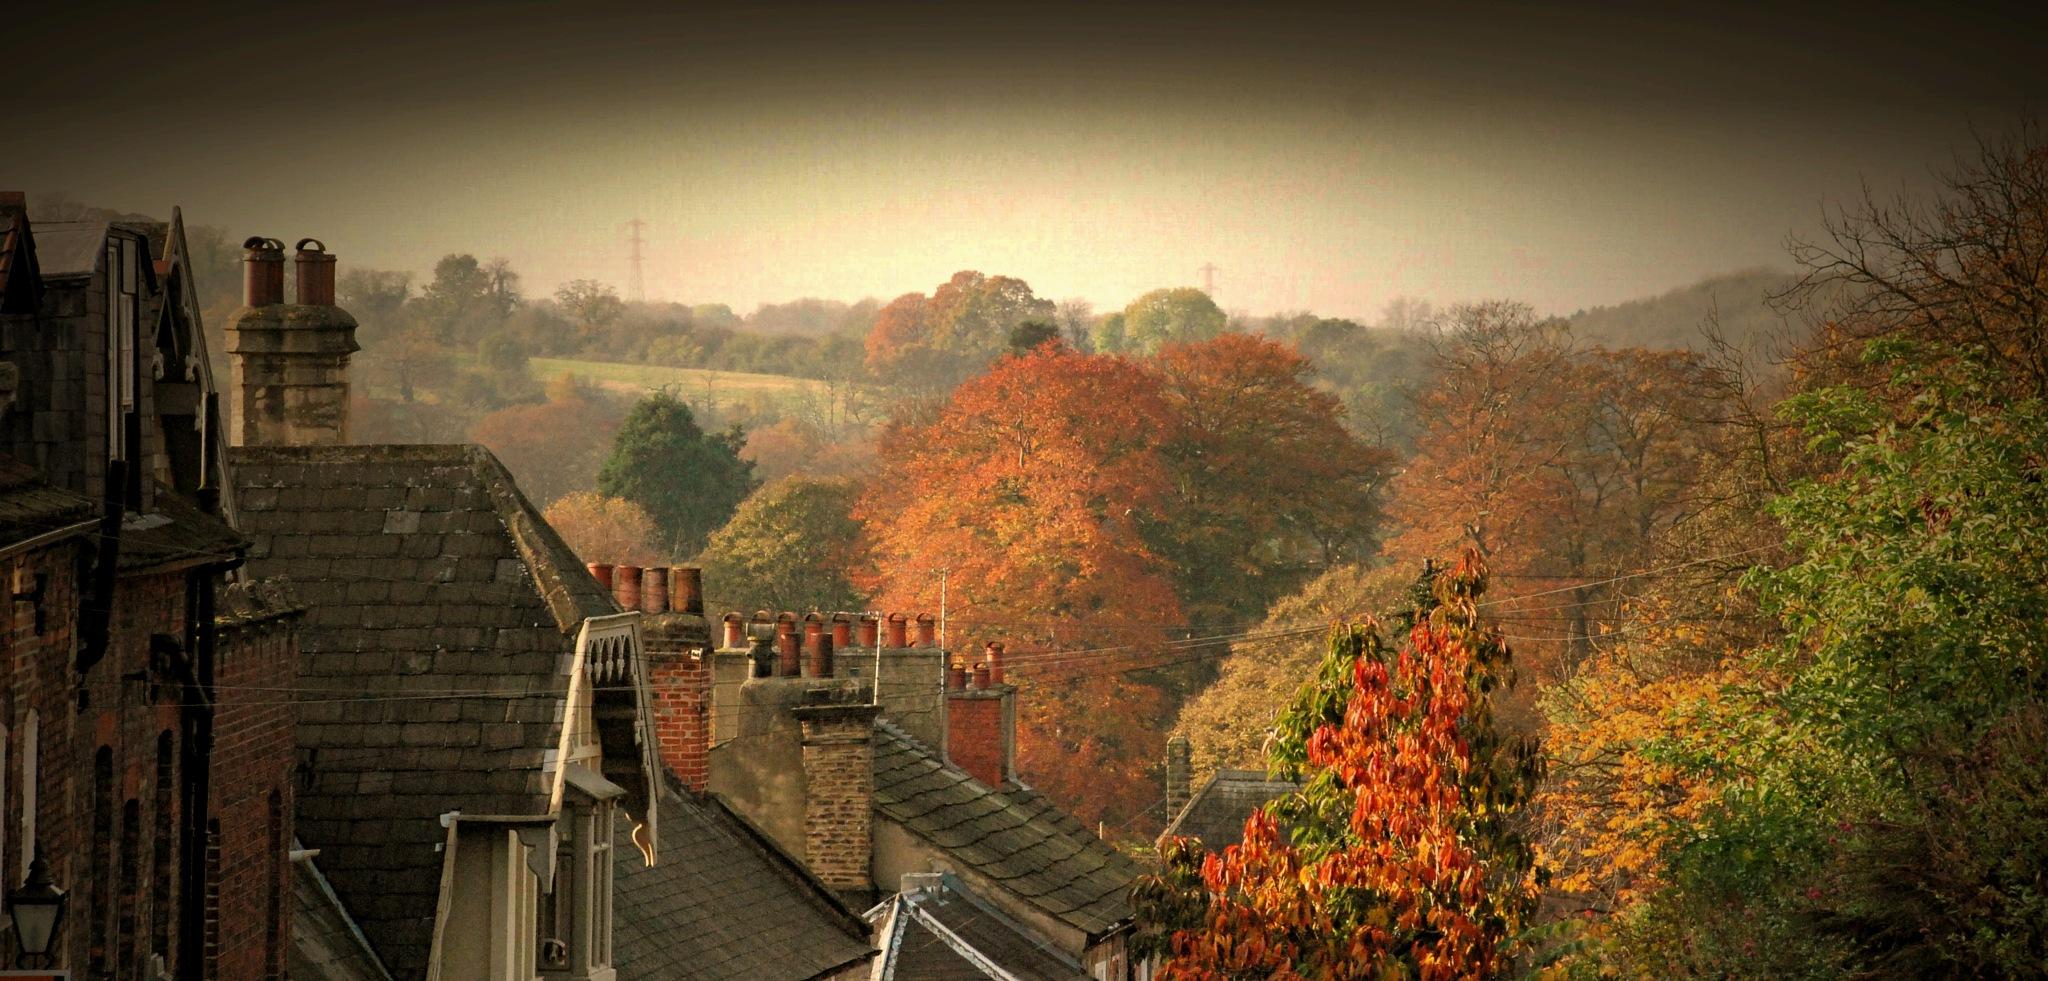 Autumn Air by badger4071